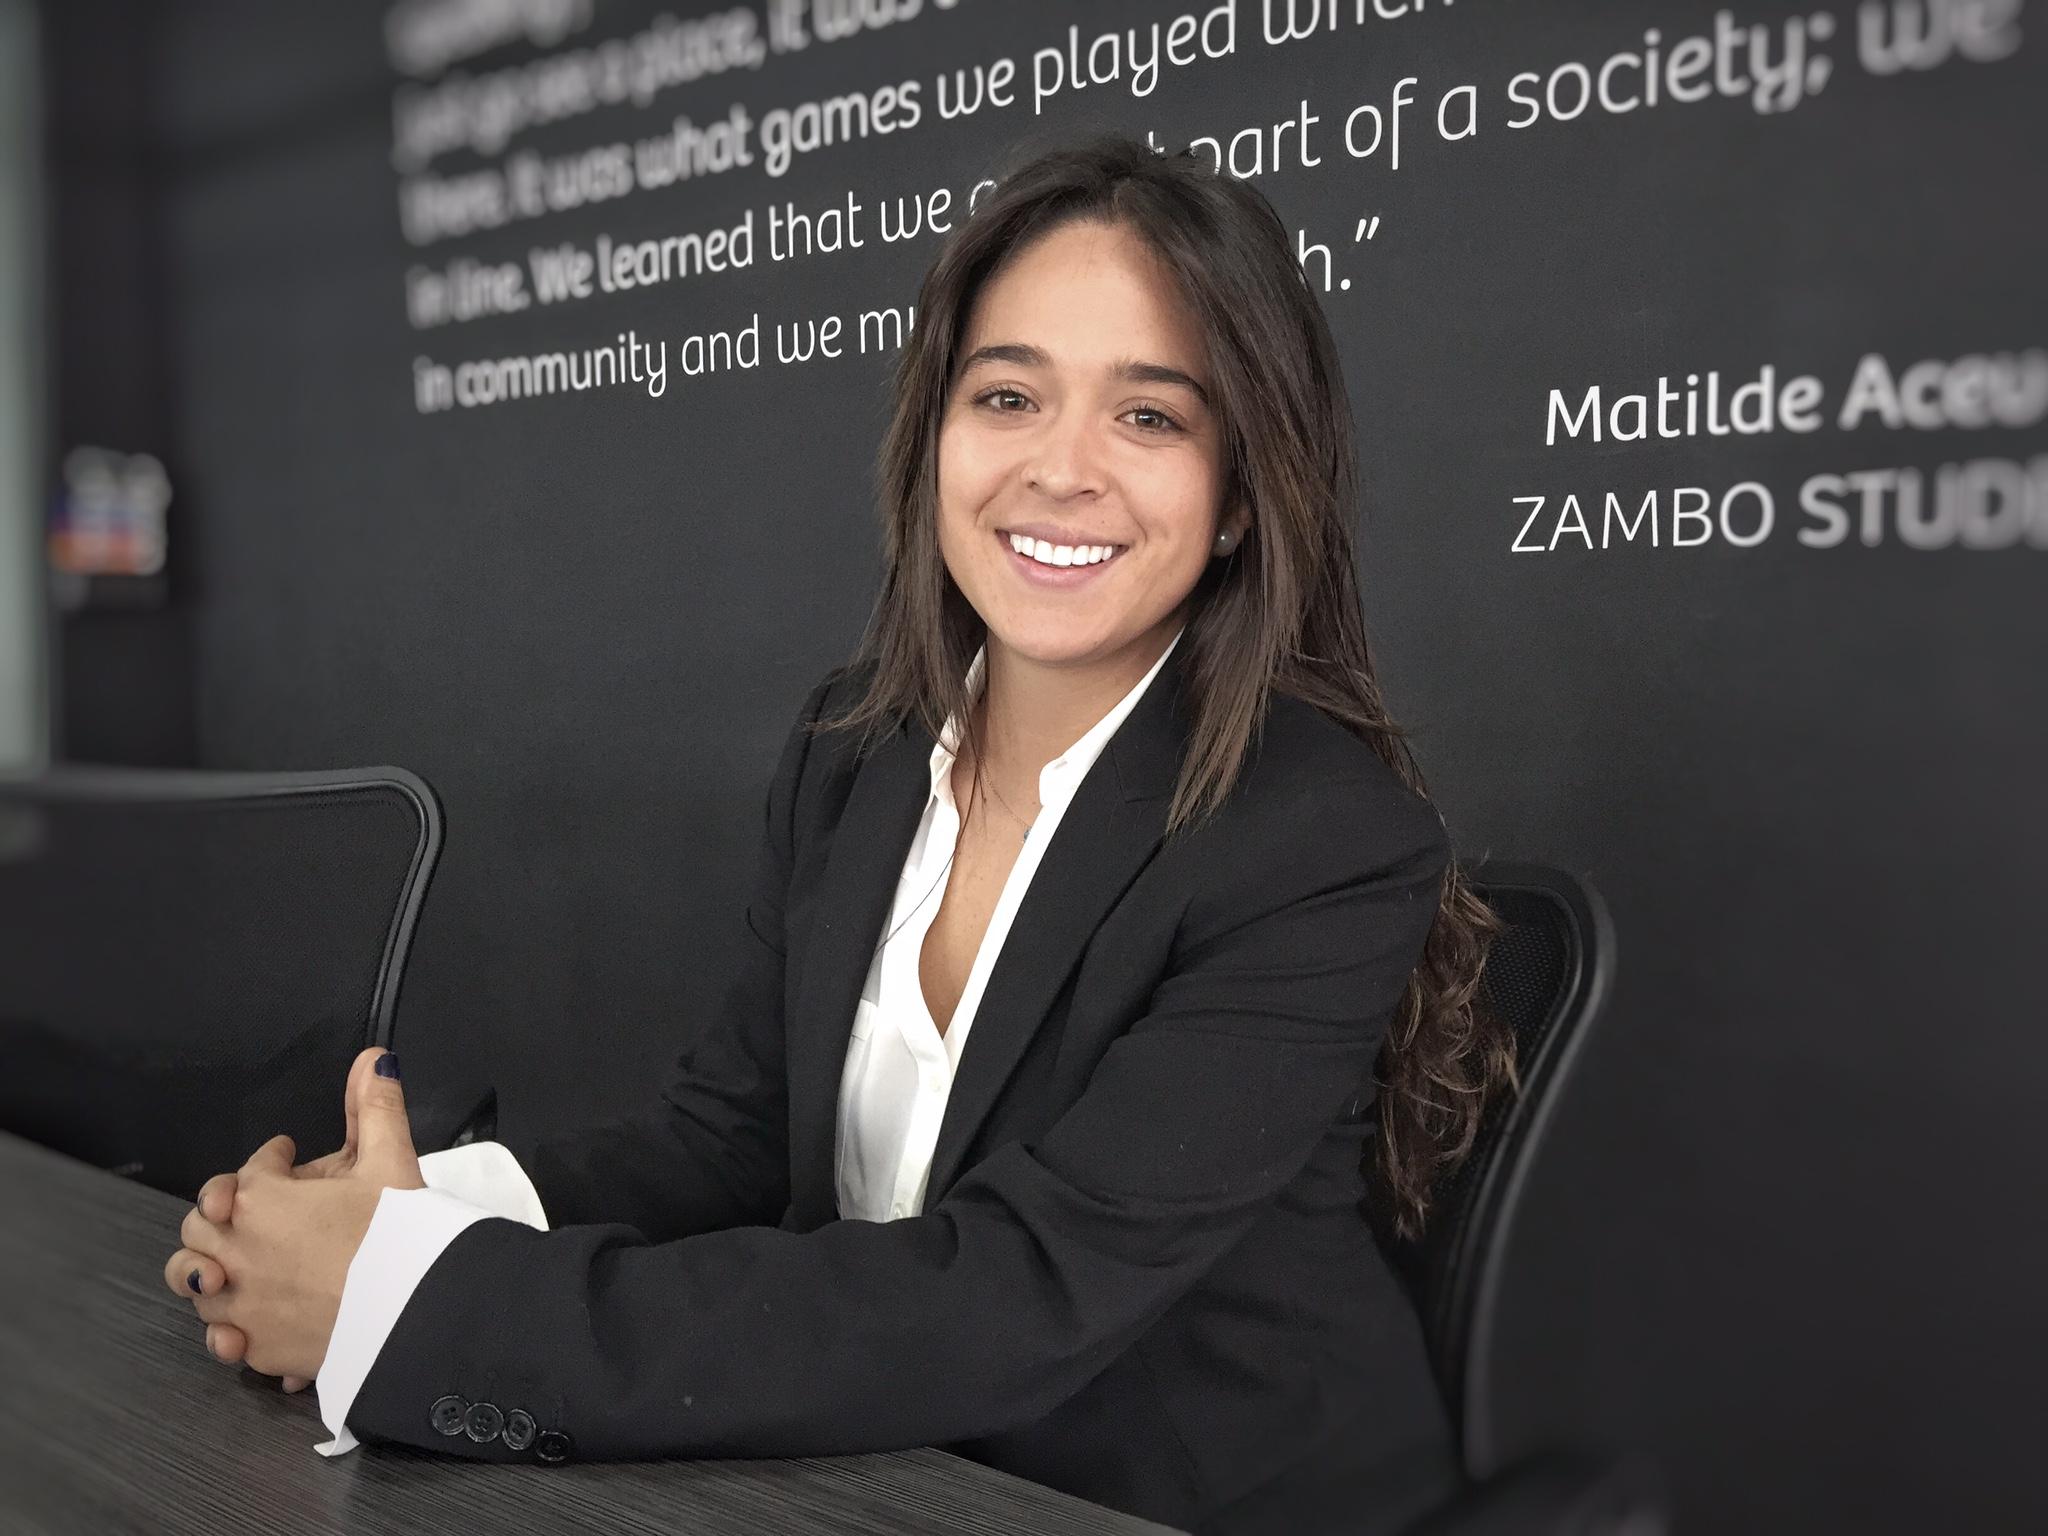 Mariana González - Mariana es la CFO de la compañía,es una apasionada aventurera; ella es una de las pocas mujeres colombianas que ha conducido sola de Colombia hasta la Argentina en una motocicleta. Mariana estudióAdministración de empresas en la Universidad de los Andes. Ella ha tenido una larga trayectoria con Zambo, ya que mientras estudiaba en la universidad, trabajó como instructora en diferentes programas. Antes de trabajar en OBA, Mariana formaba parte del departamento financiero de una empresa del grupo Ecopetrol,donde se encargaba de la gestión de riesgos.